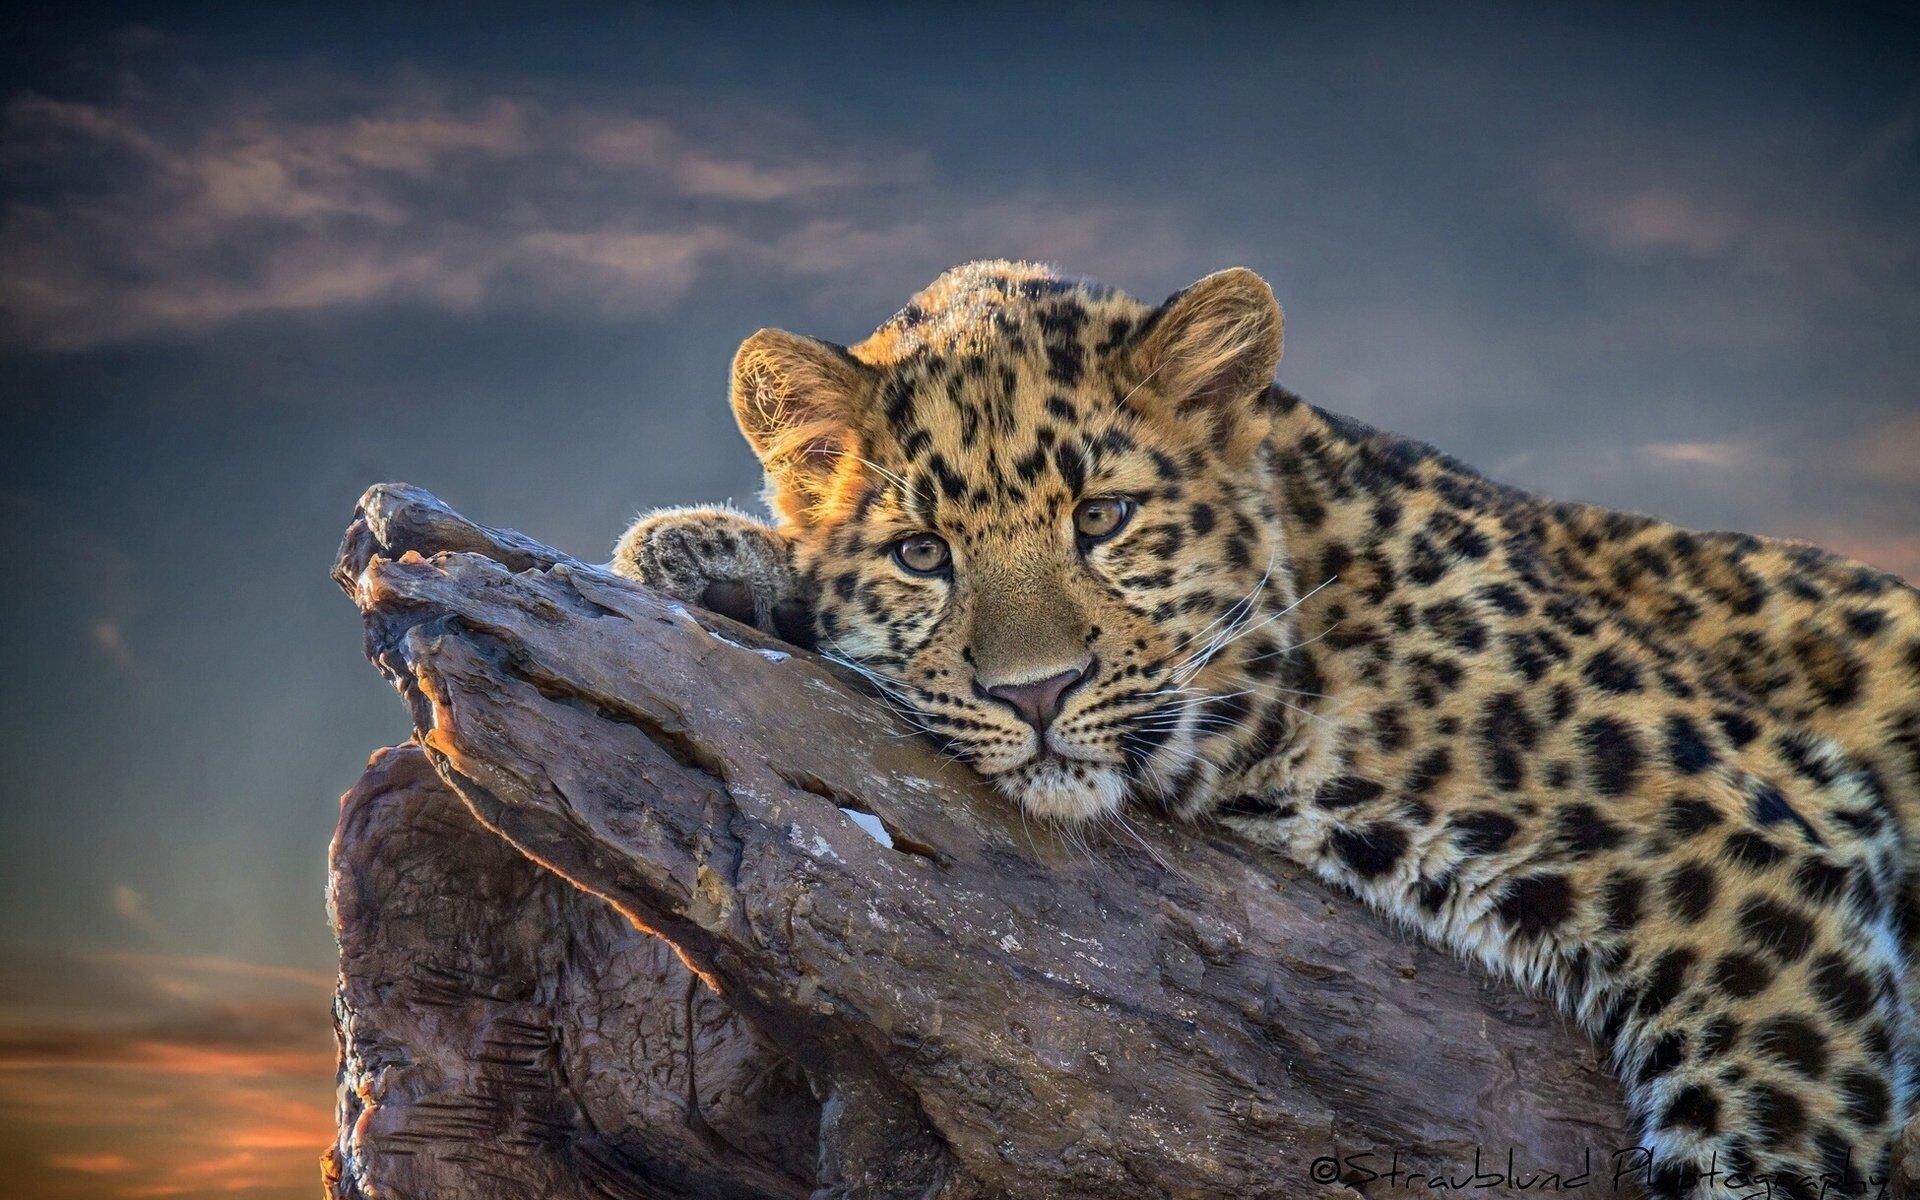 Animales Felino Leopardos Fondo De Pantalla Fondos De: Leopardo Full HD Fondo De Pantalla And Fondo De Escritorio